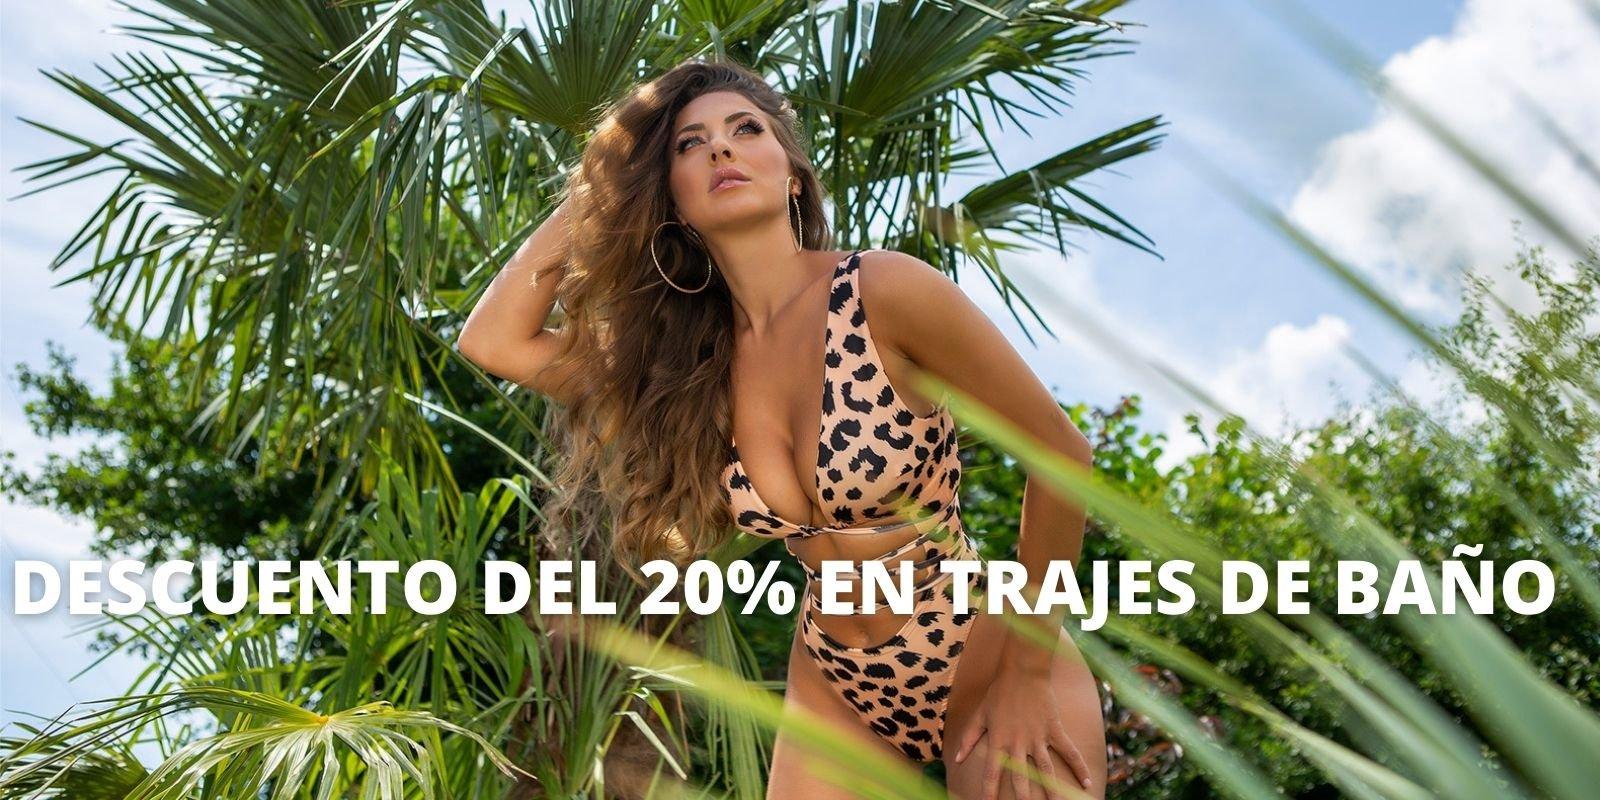 Descuento_en_trajes_de_baño_para_mujer_001.jpg